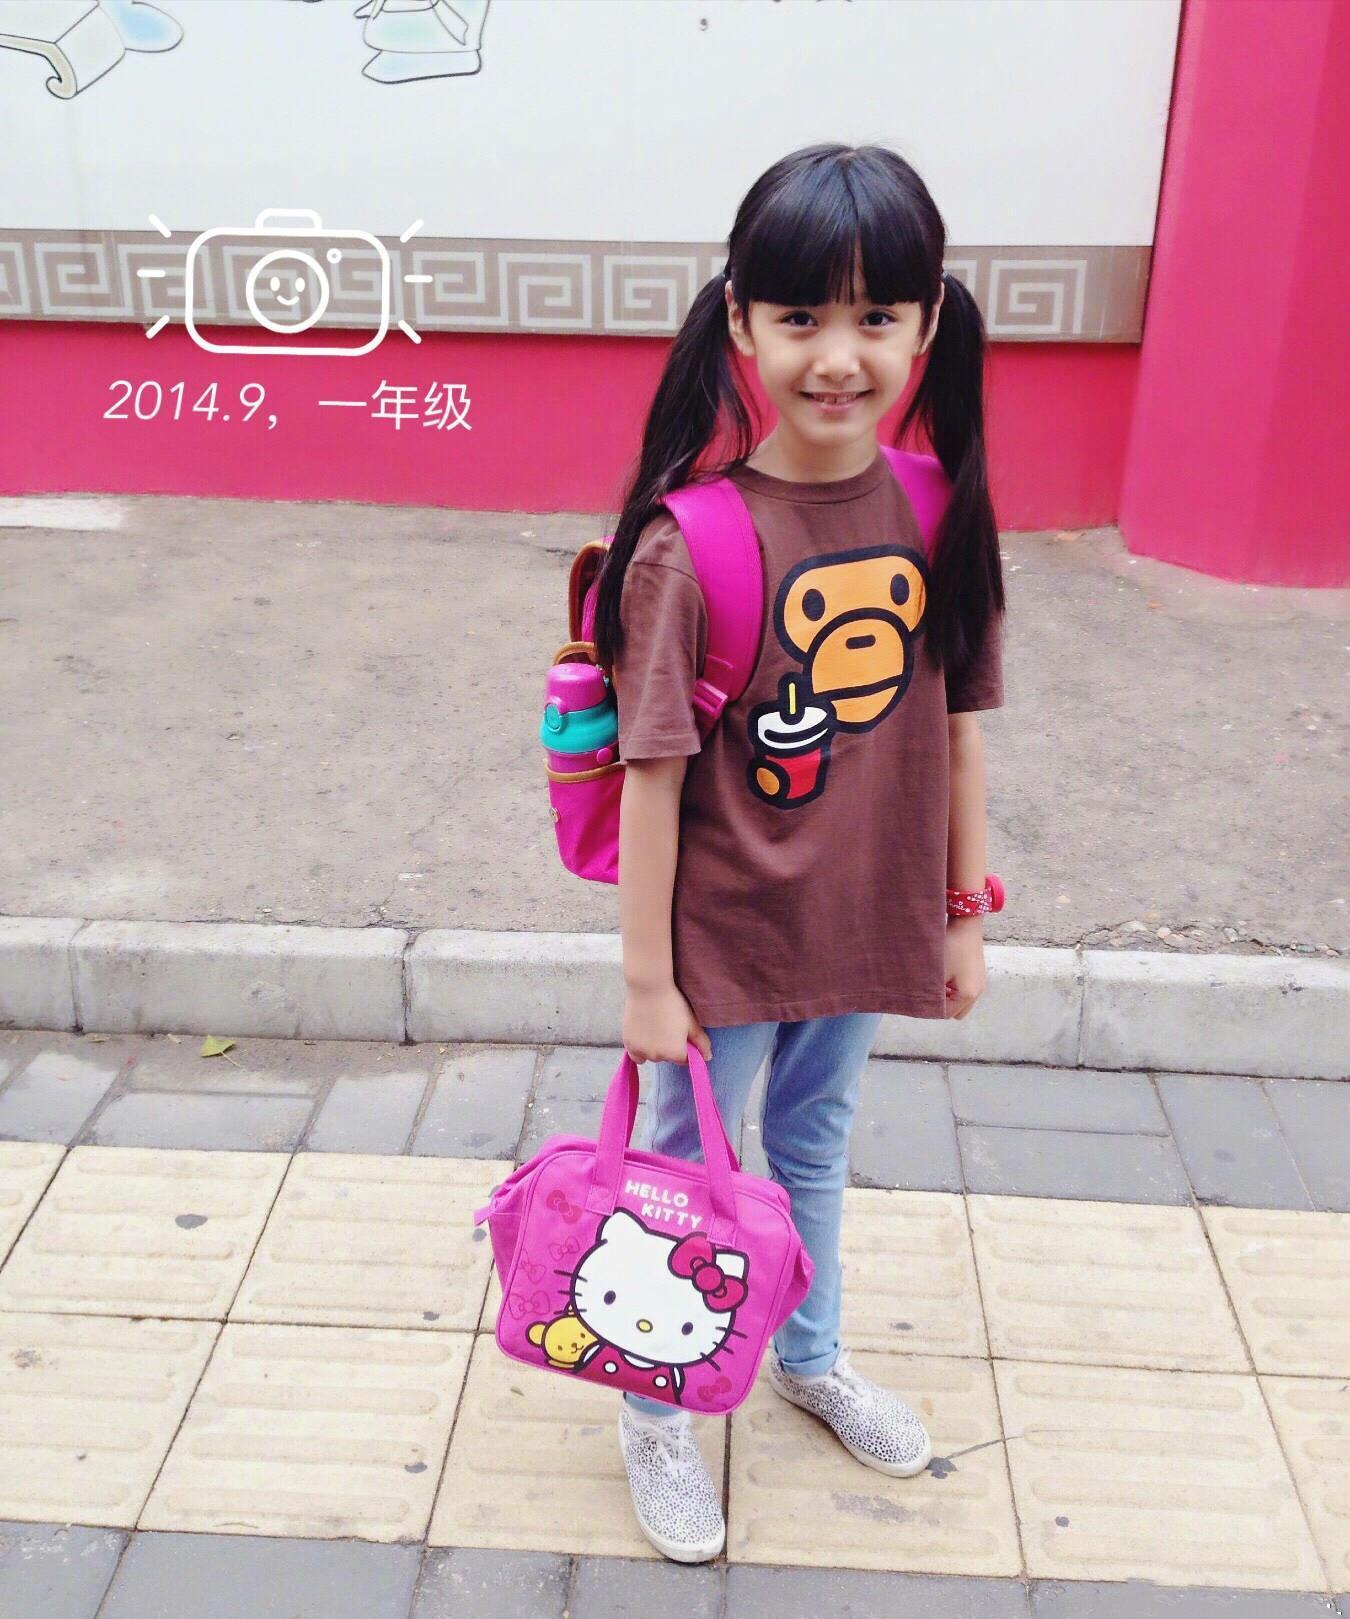 张伦硕的女儿小考拉第一次拍戏,古装造型好漂亮